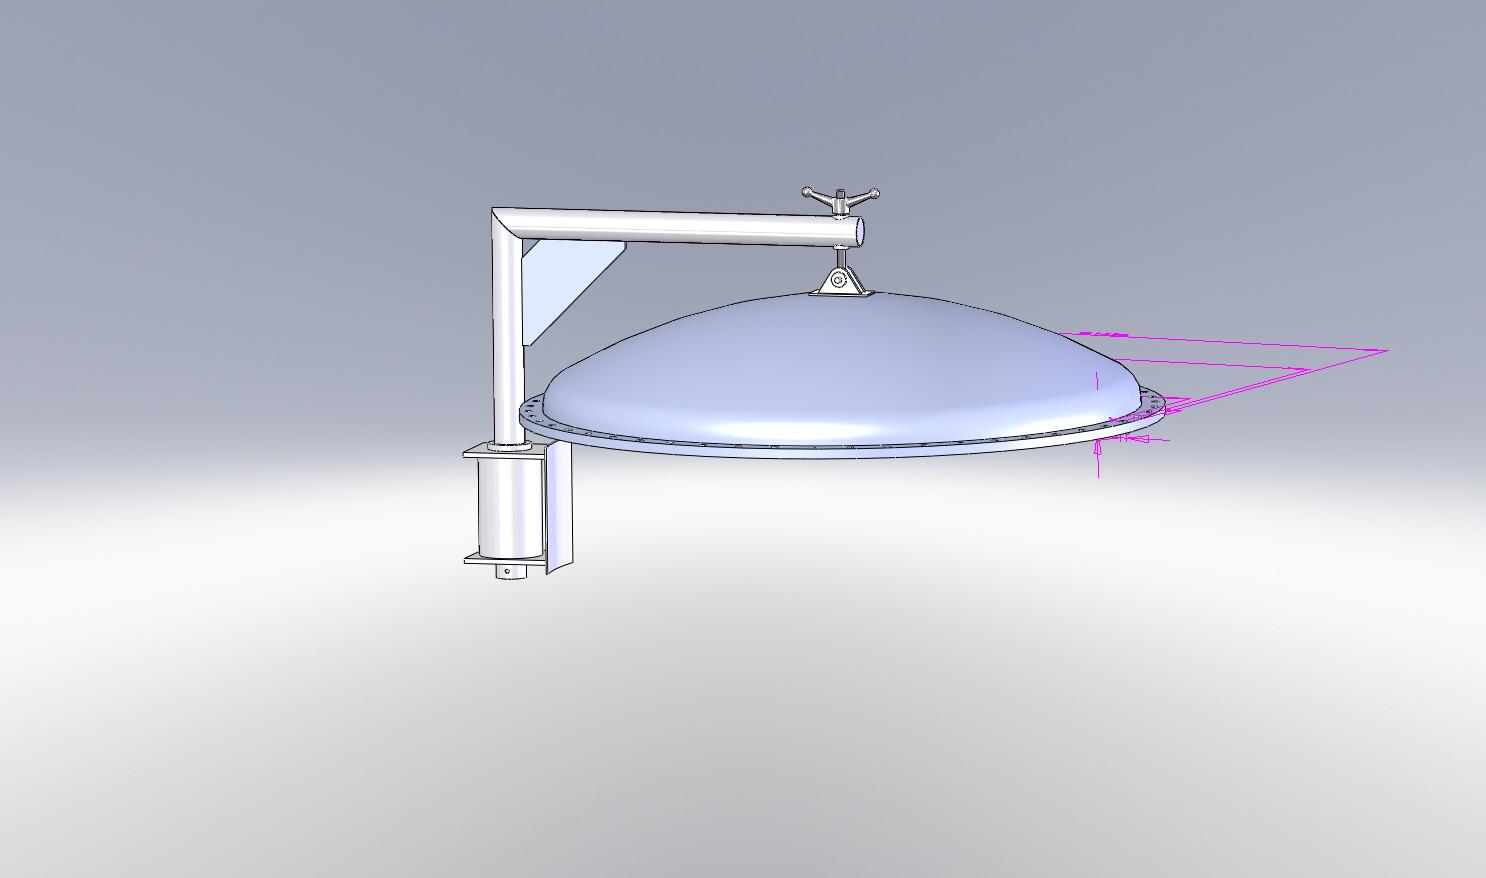 simulation eines galgens ds solidworks solidworks. Black Bedroom Furniture Sets. Home Design Ideas